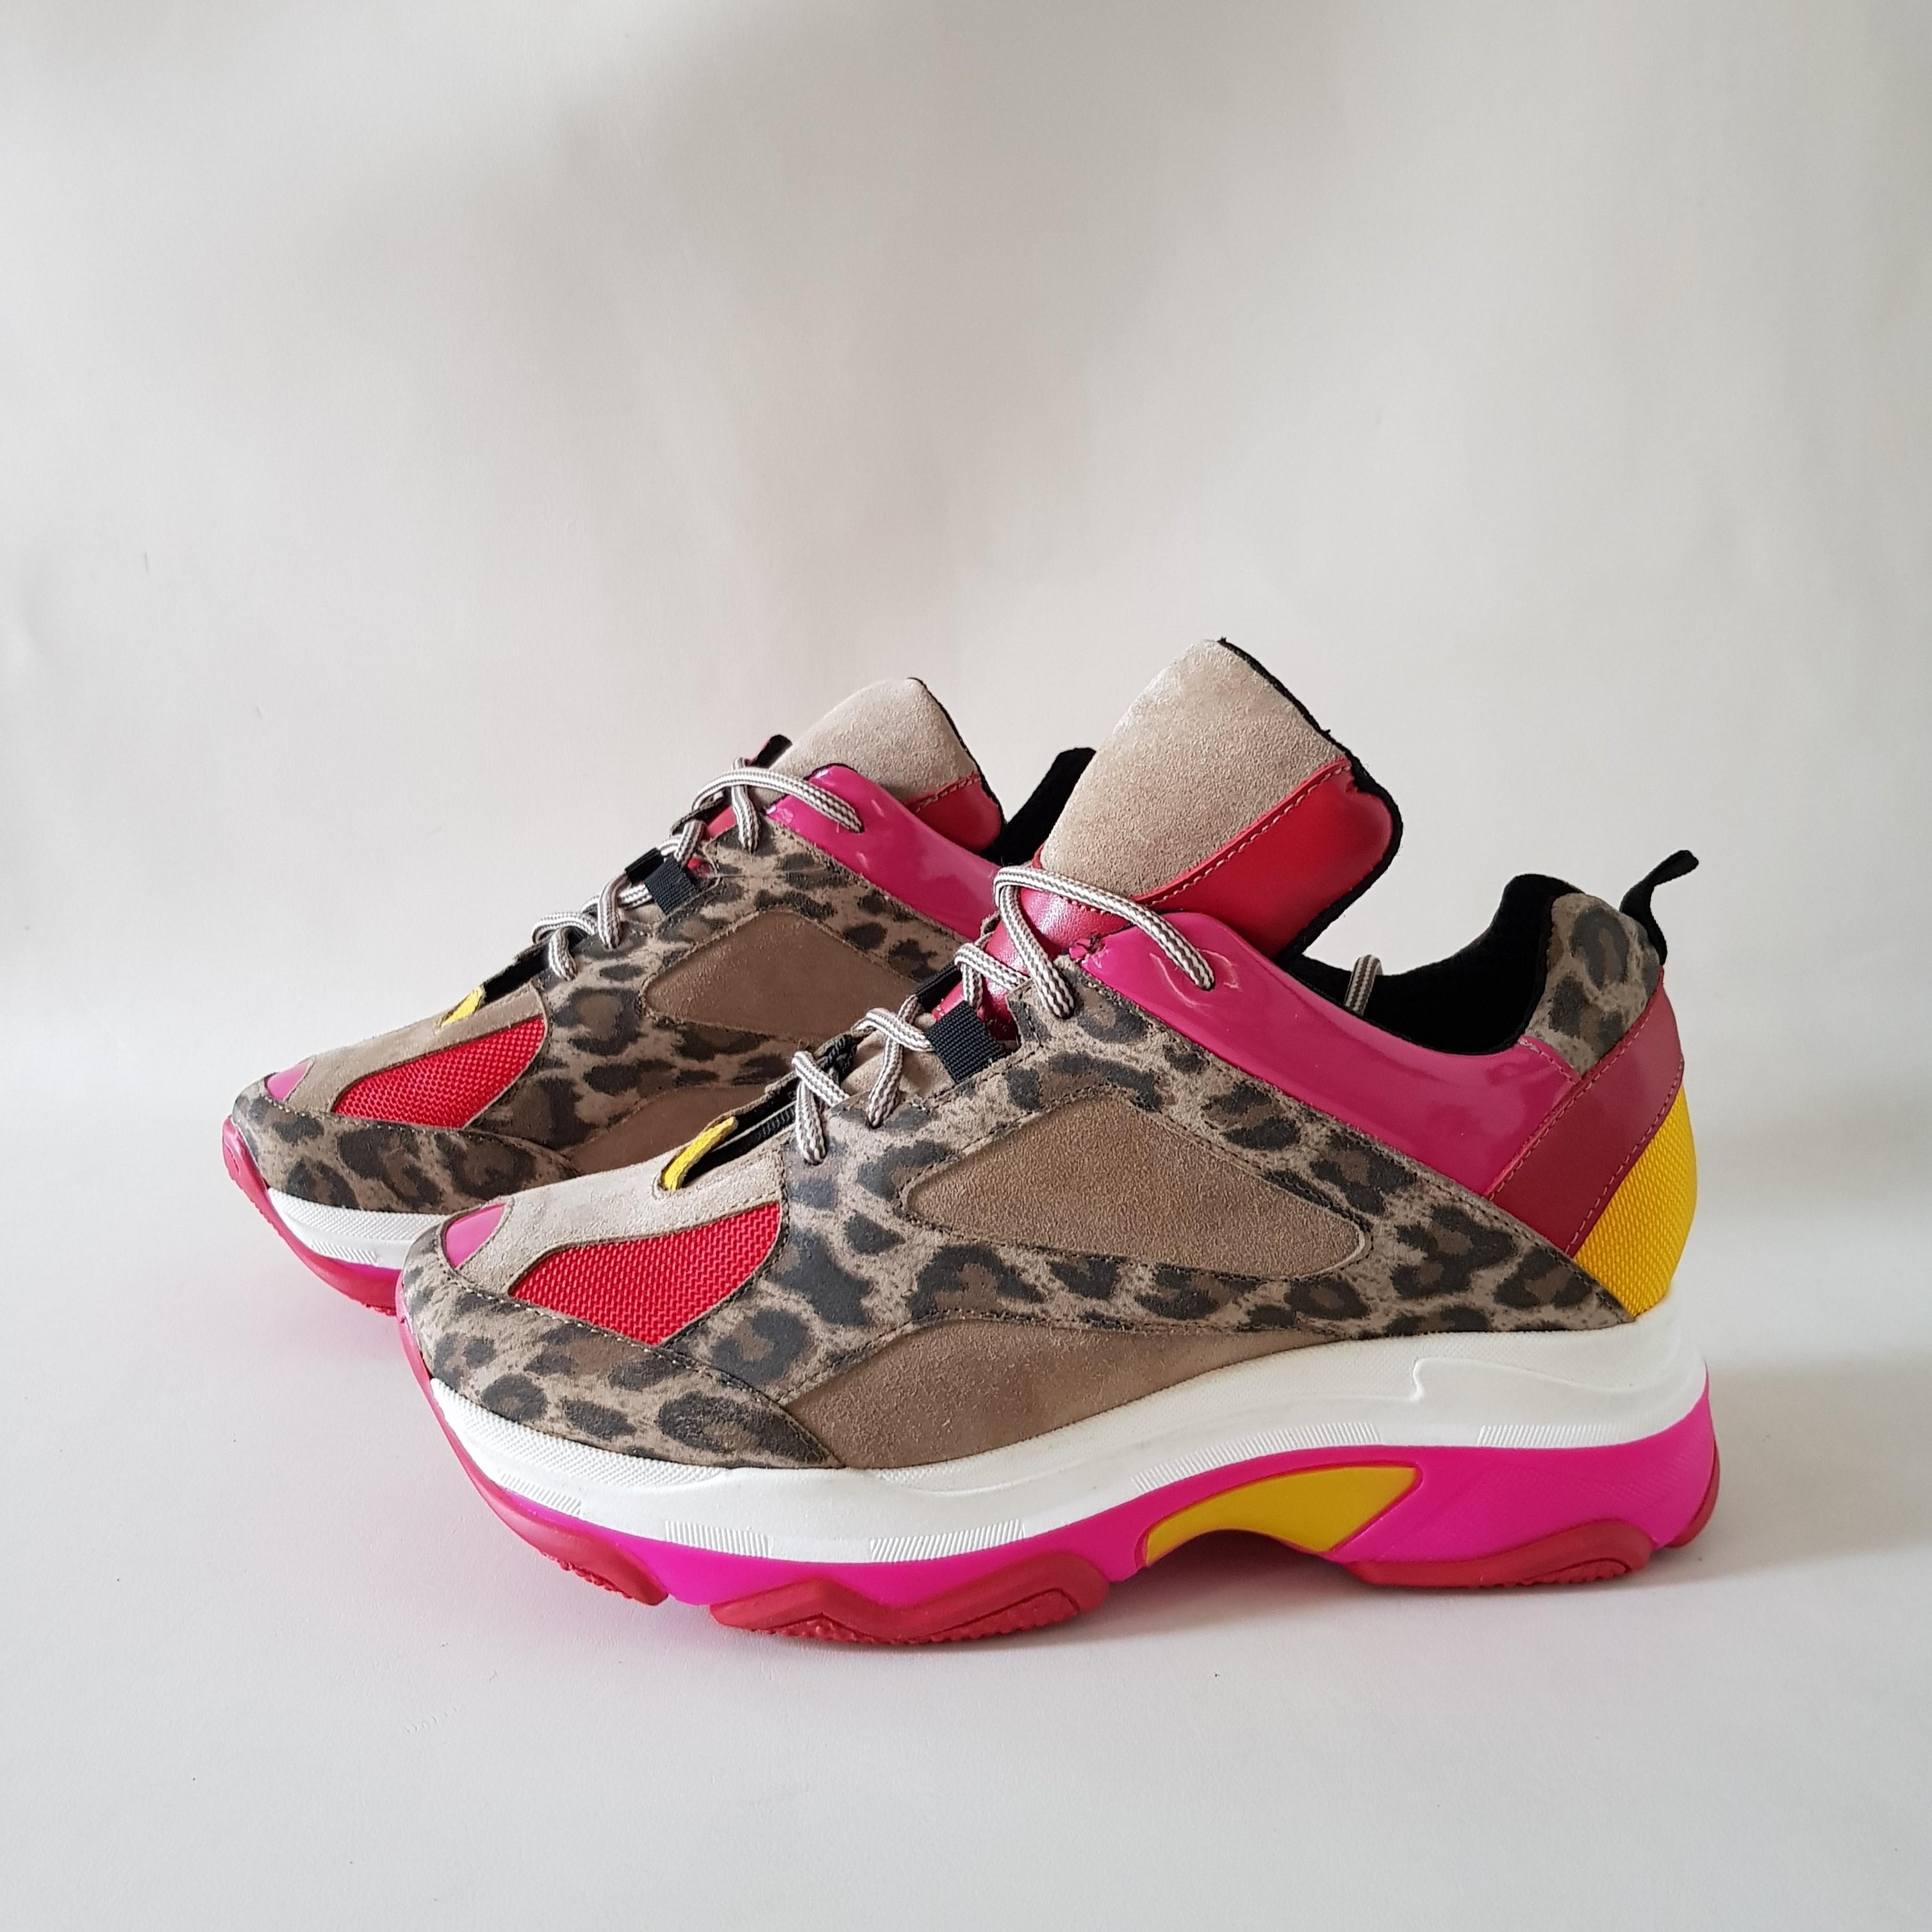 Sneakers lacci animalier kent55 - Lia diva scarpe ...